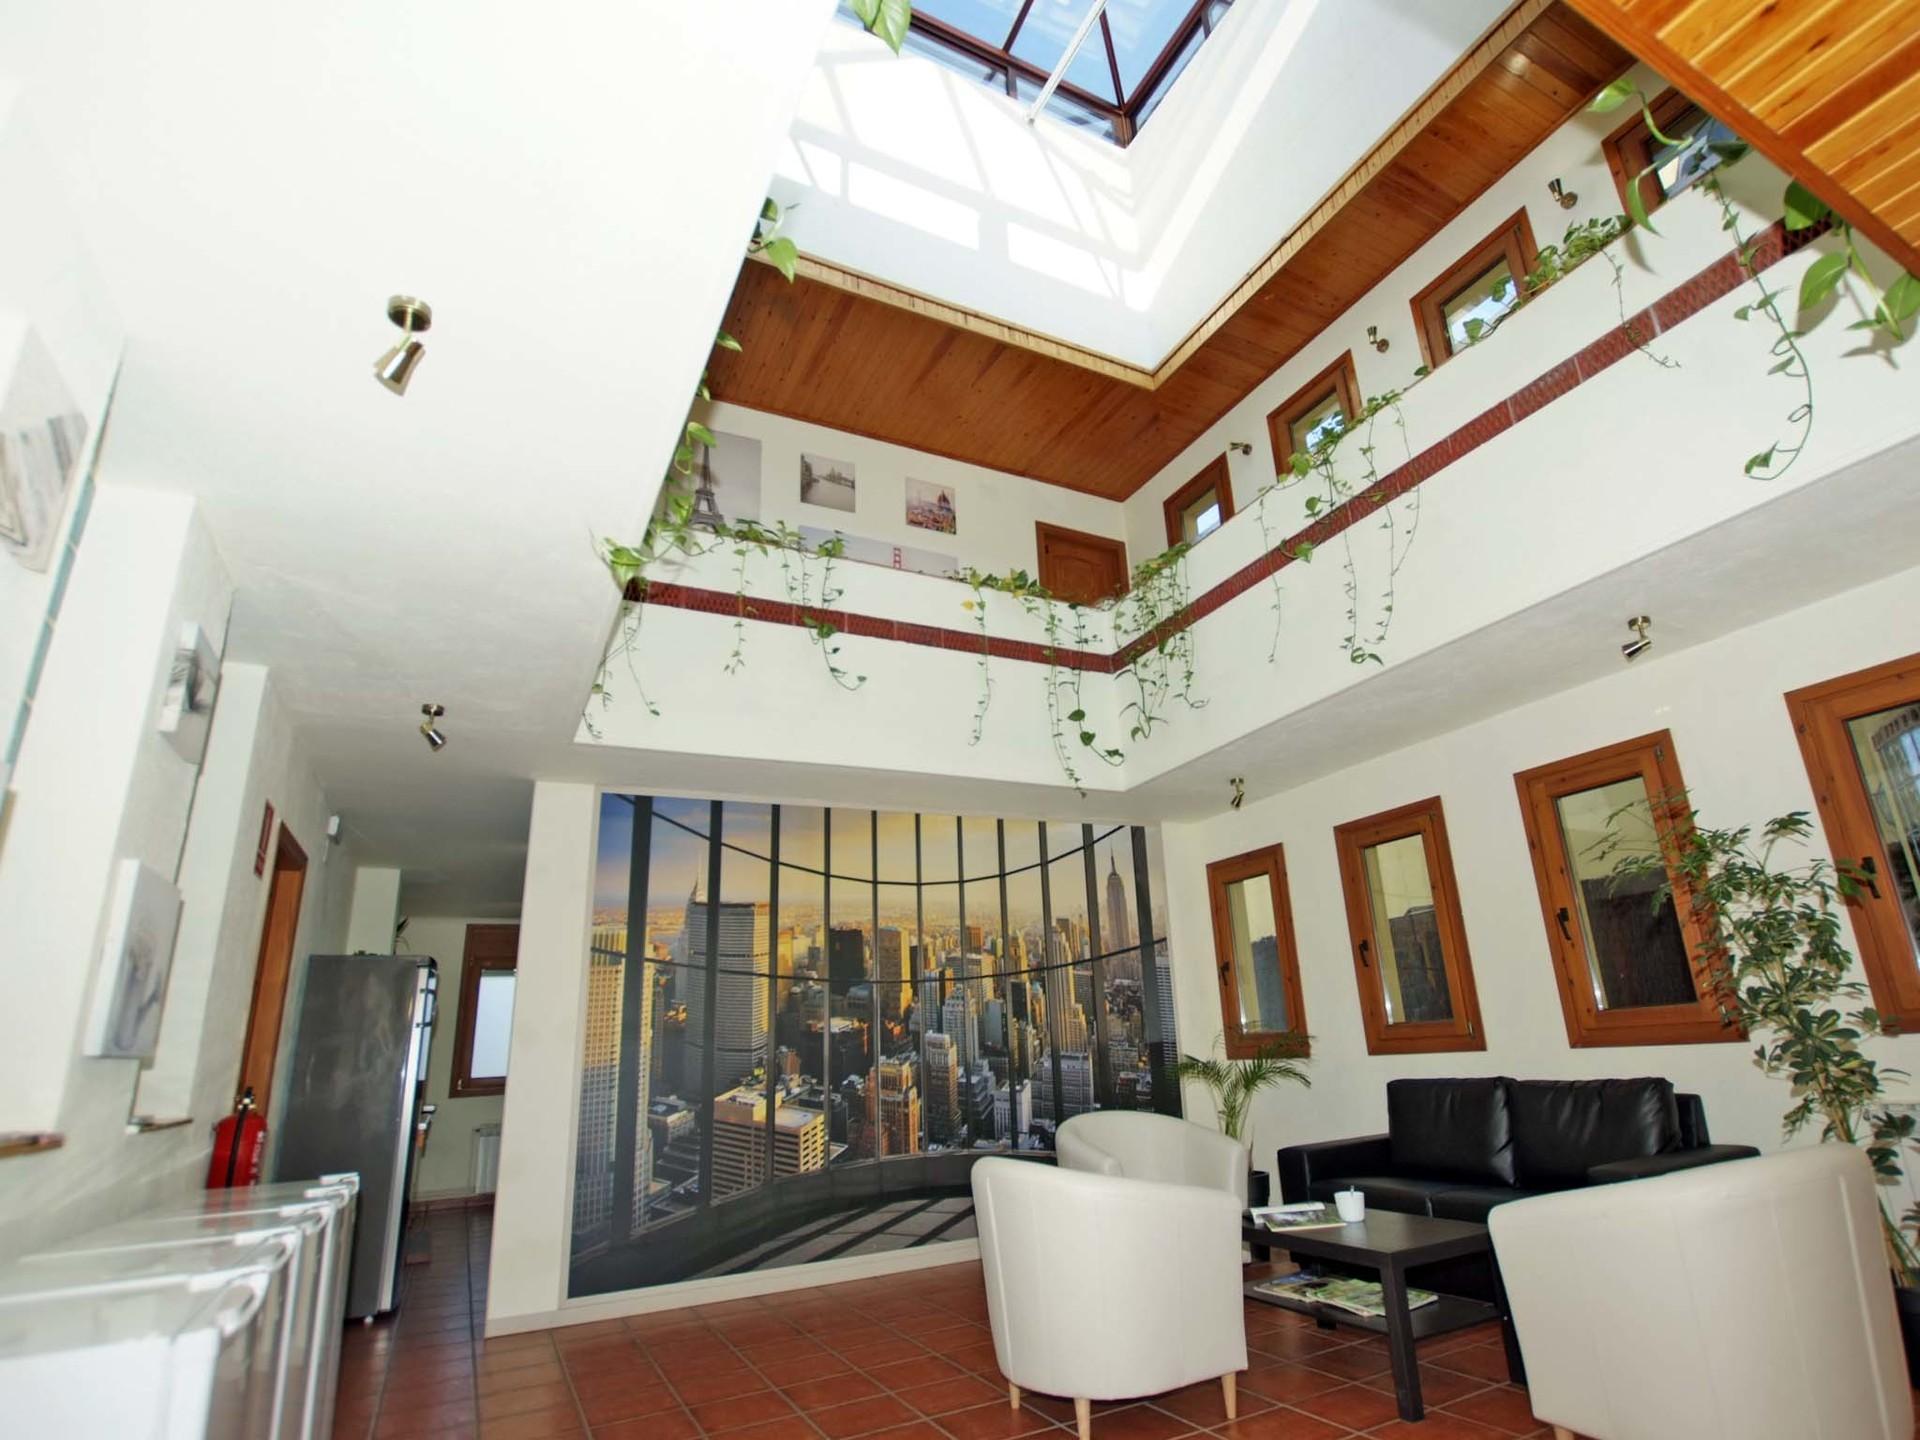 Residencia de Estudiantes - Habitación individual + ½ pensión